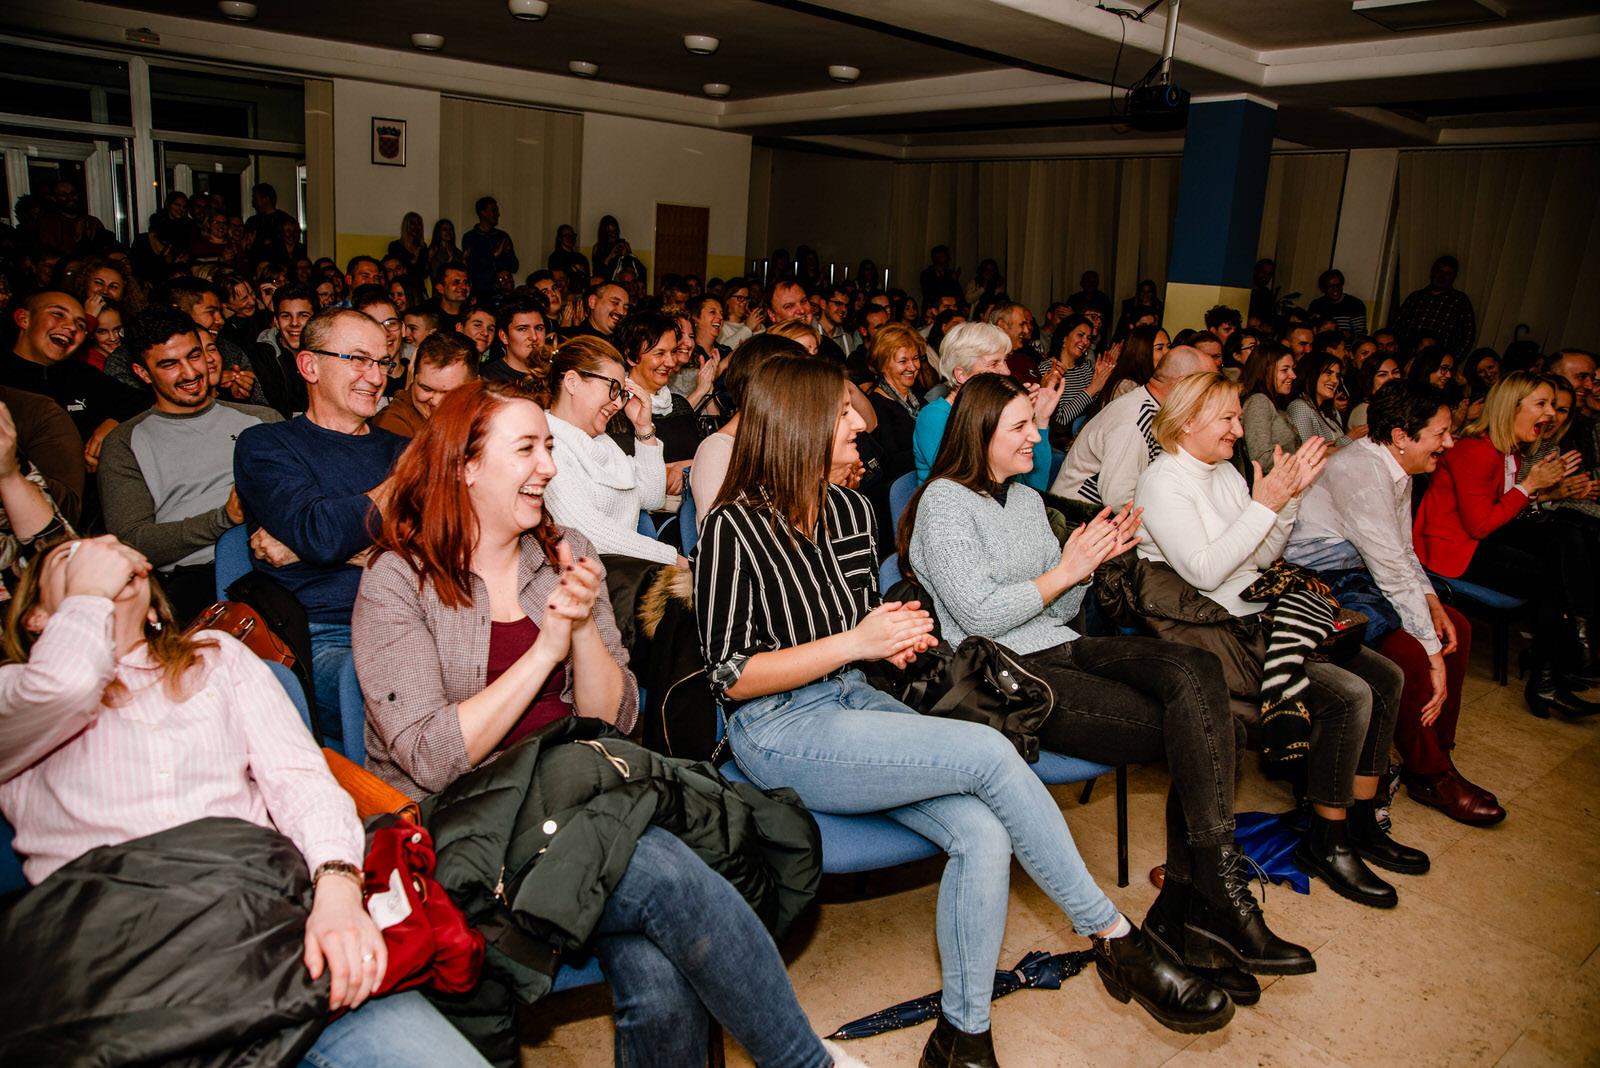 likaclub_gospić_kic_lajnap stand up_siječanj_2020 (34)